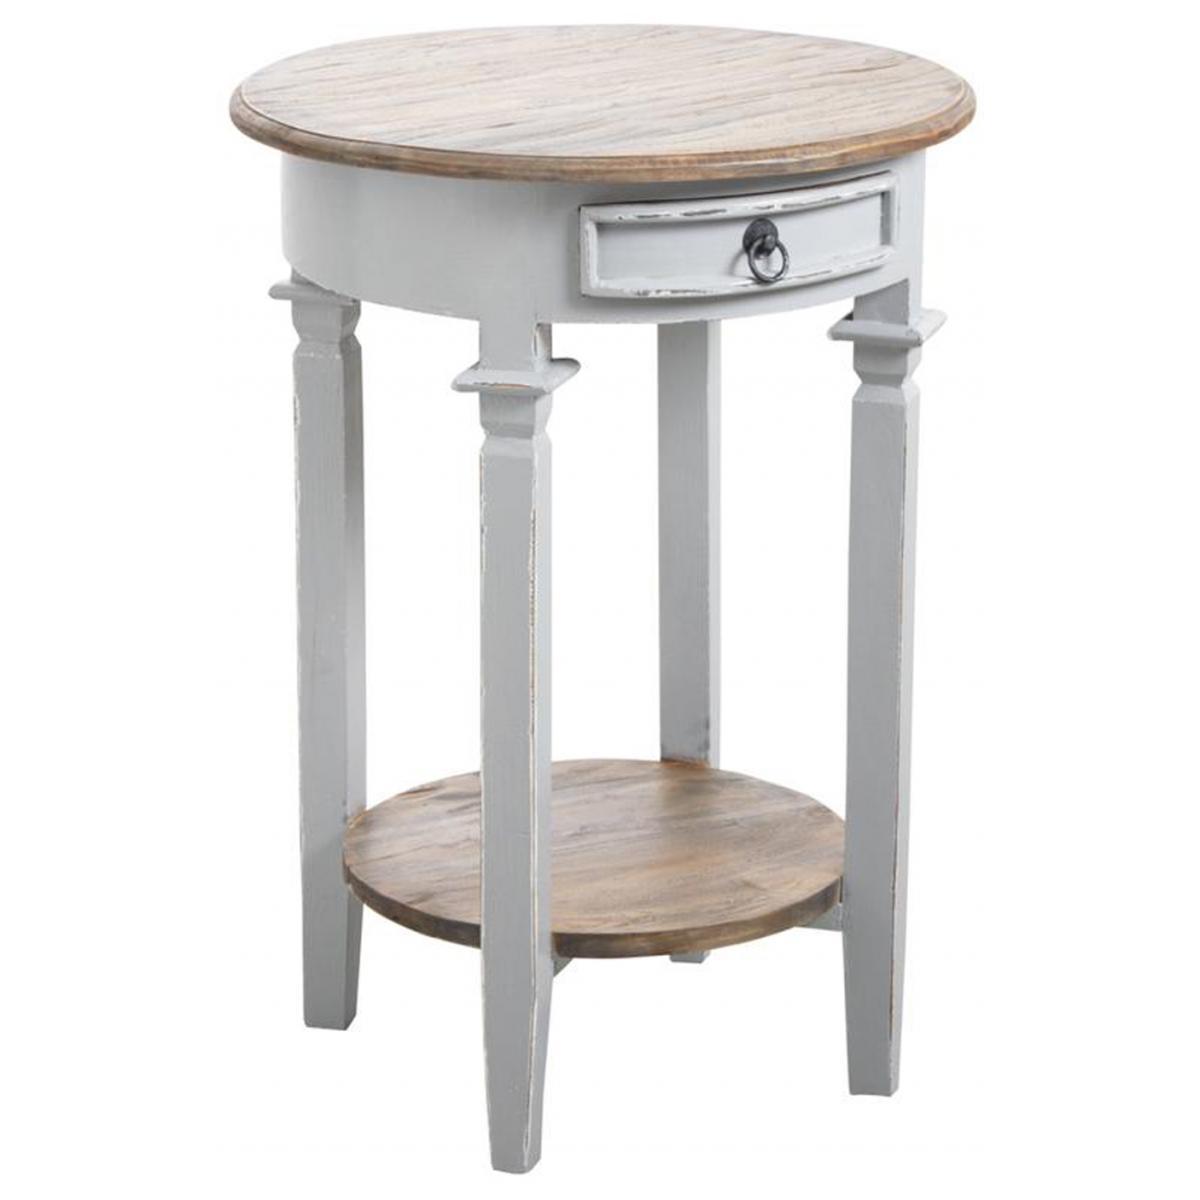 Pegane Table d'appoint ronde en bois gris antique - Ø 50 x H 70 cm